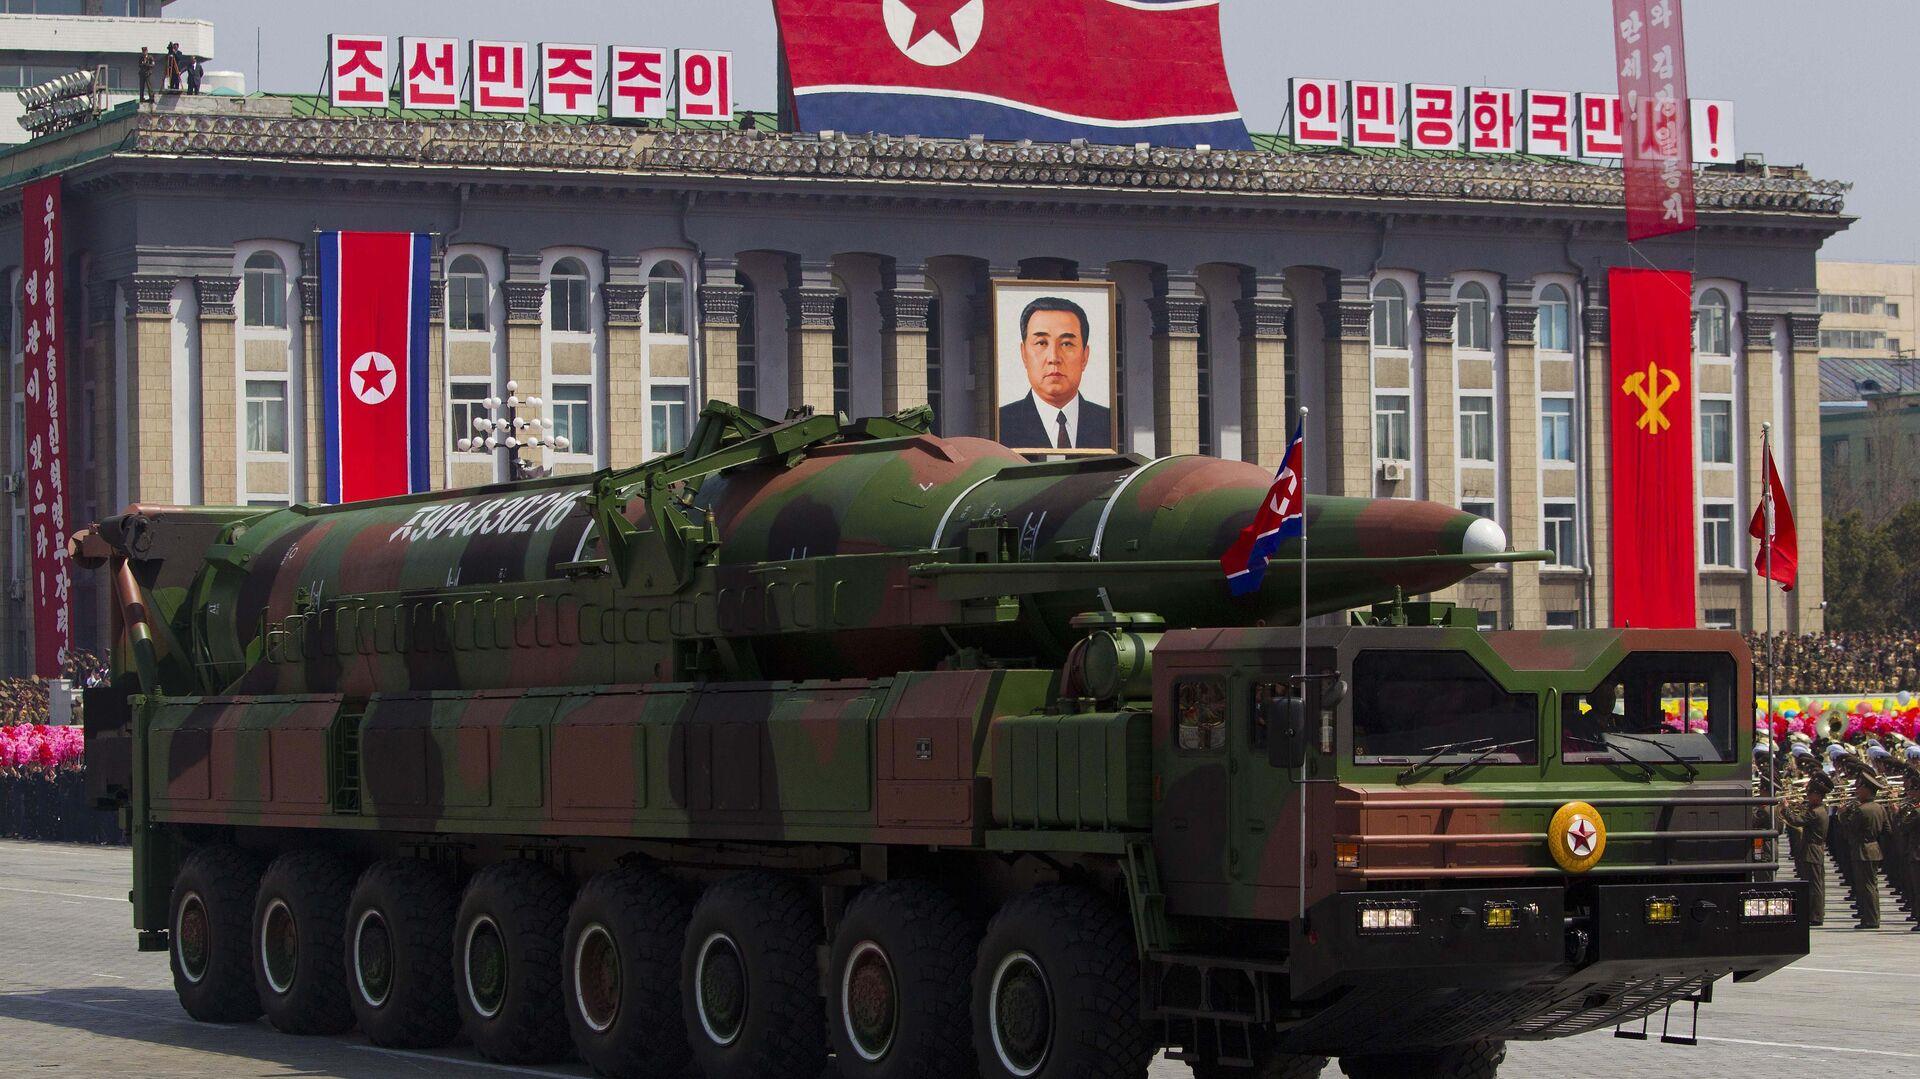 Sistema de misiles intercontinentales de Corea del Norte, mostrados en 2012 - Sputnik Mundo, 1920, 16.03.2021